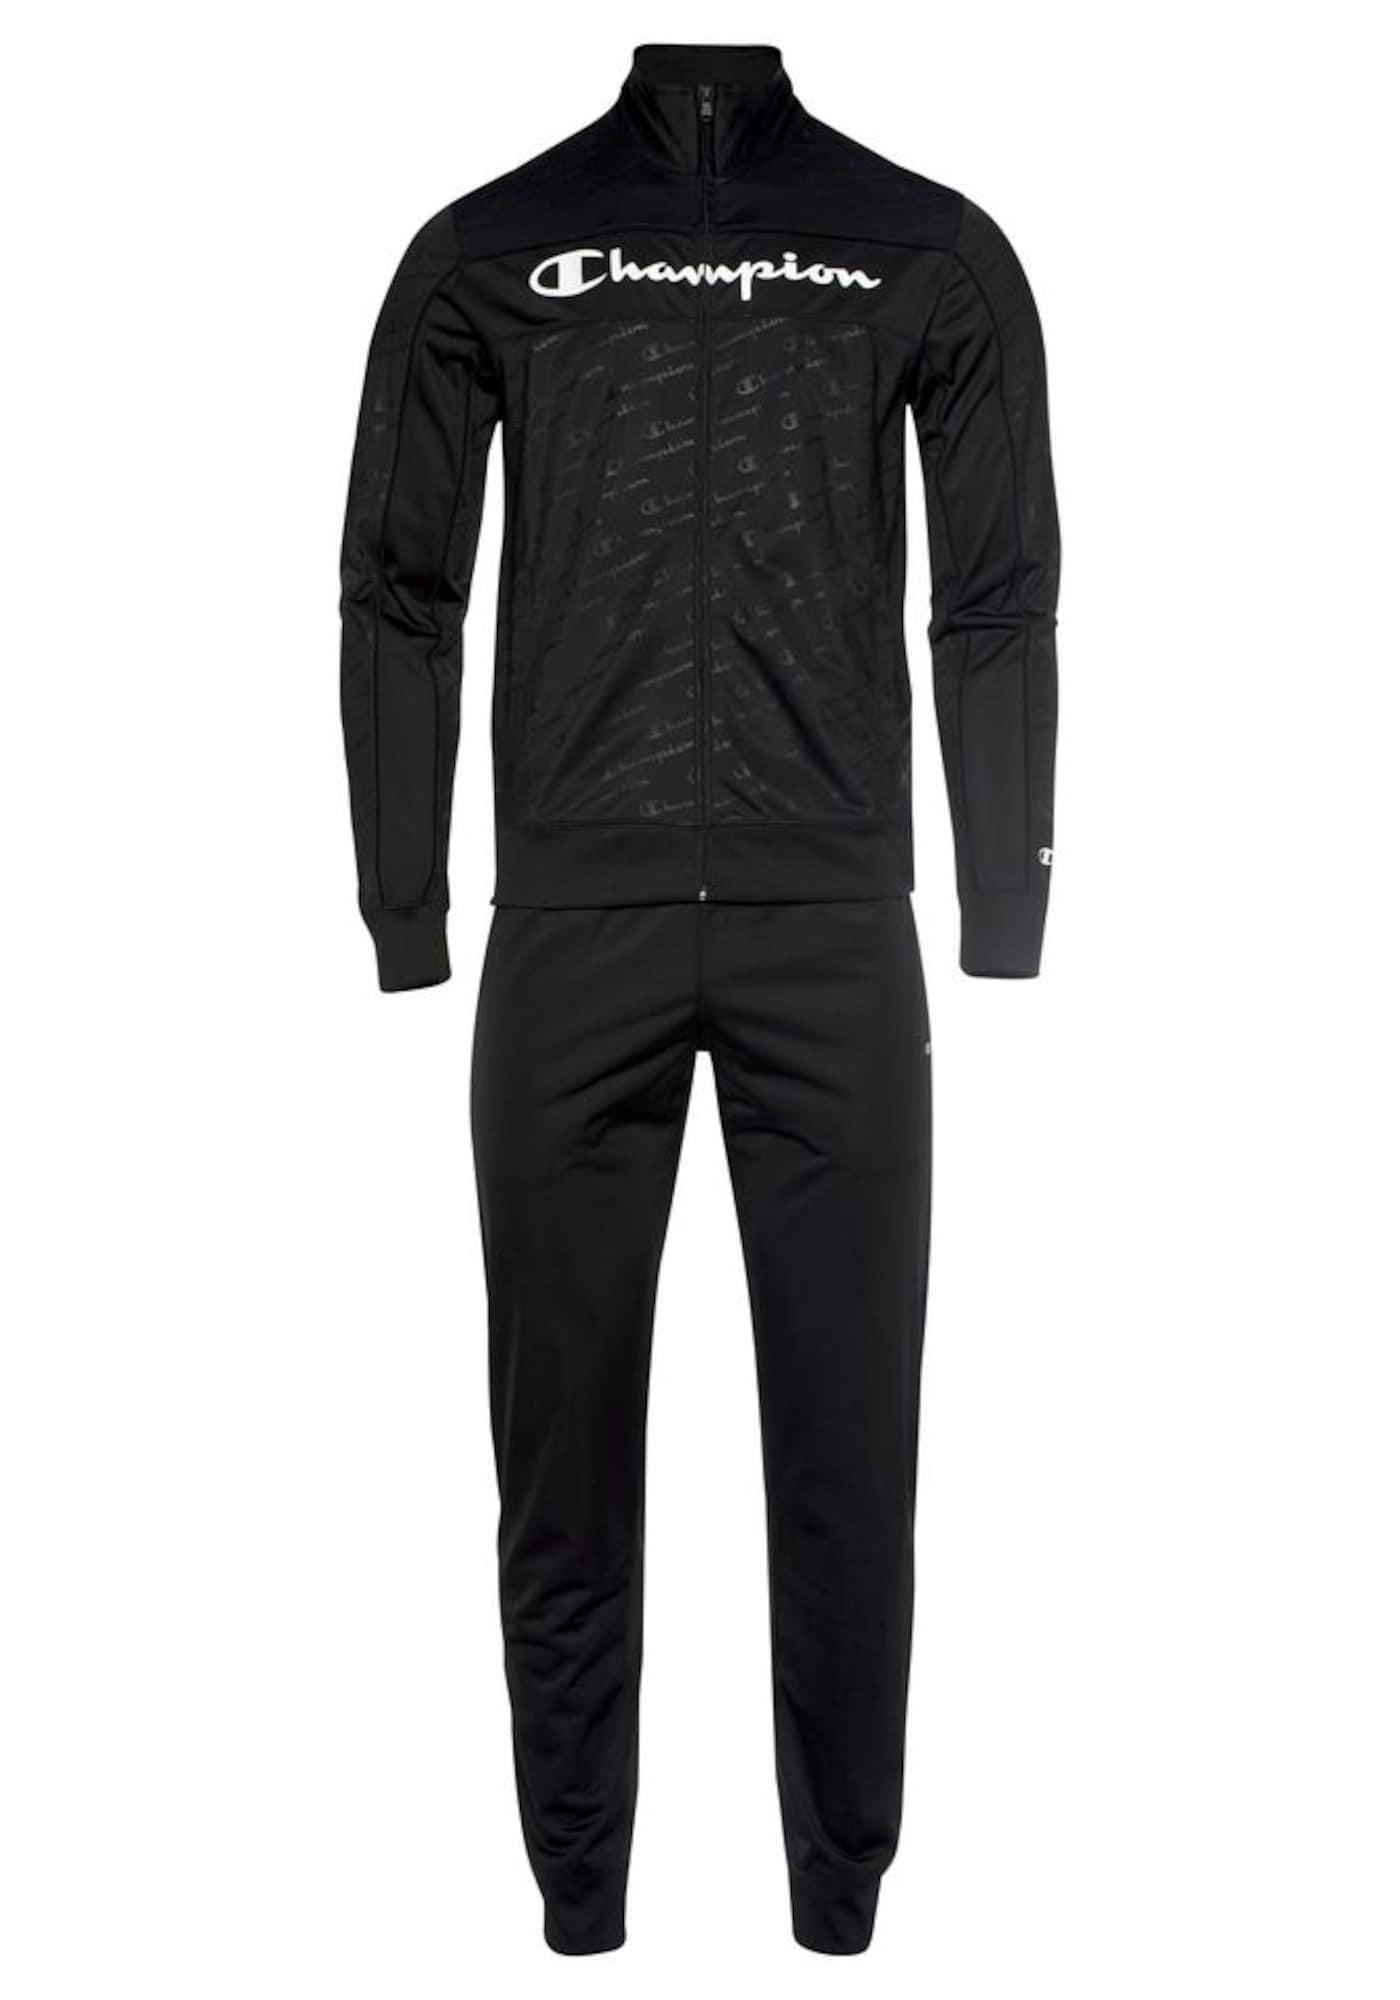 Champion Authentic Athletic Apparel Treniruočių kostiumas juoda / balta